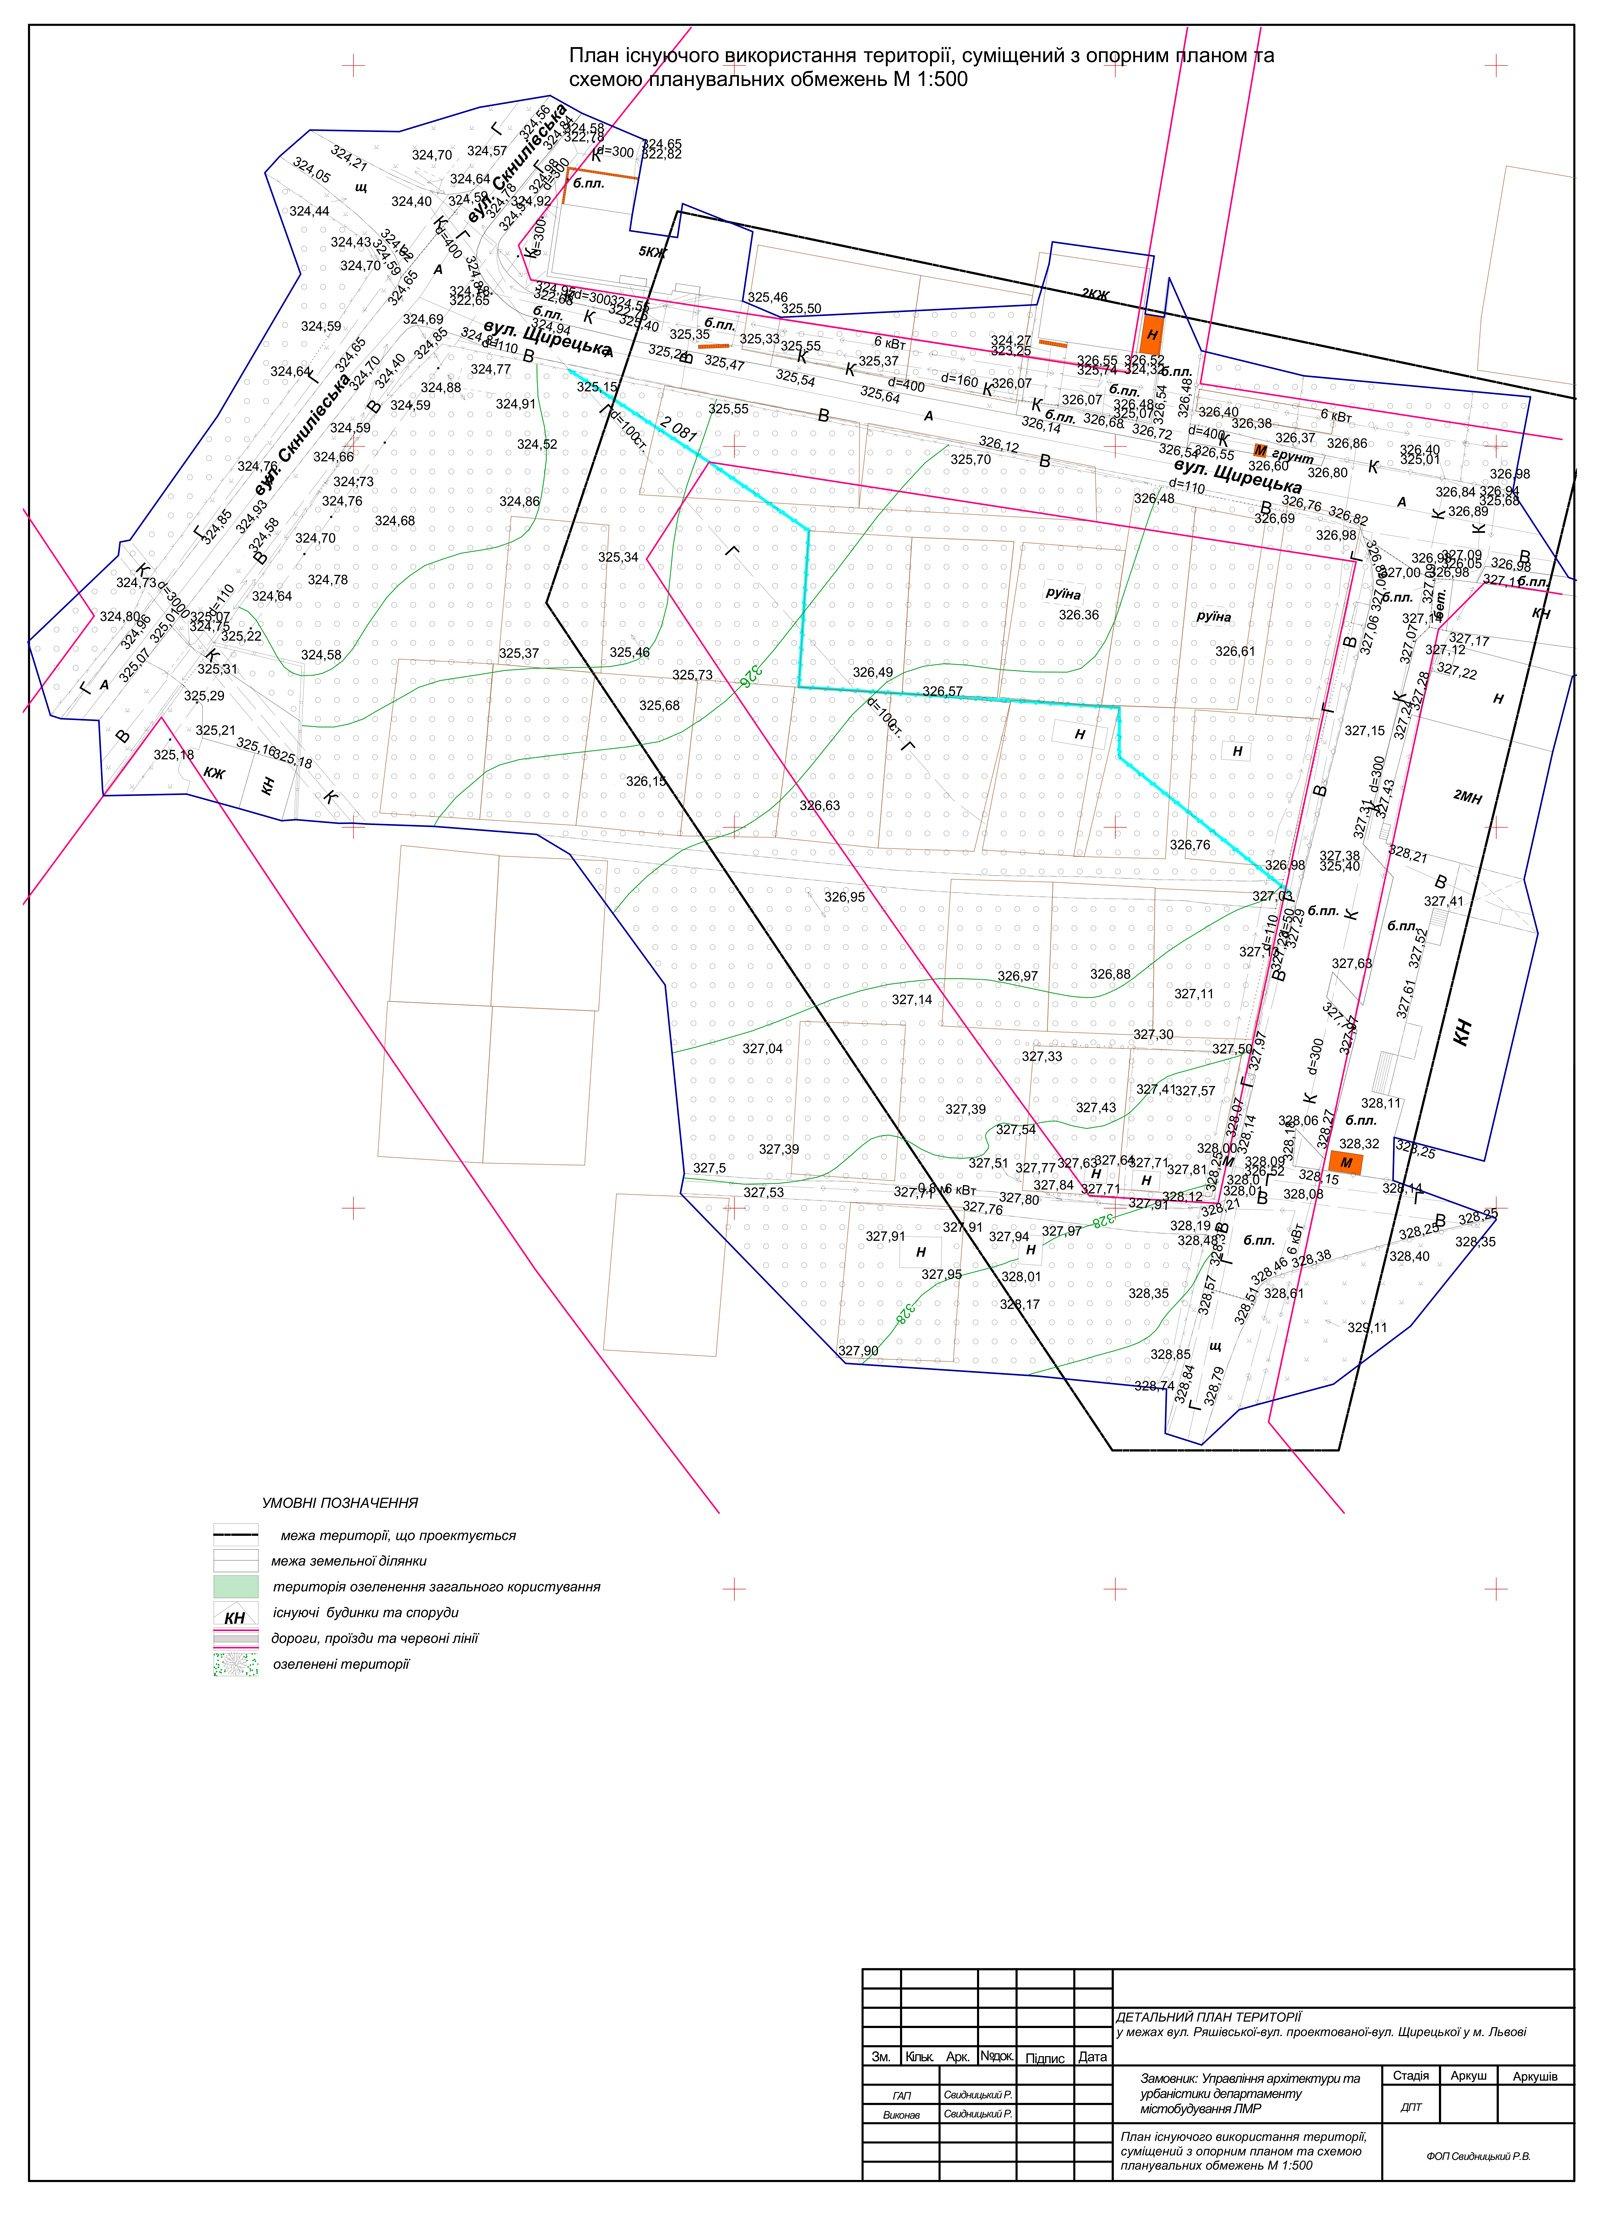 План існуючого використання, опорний план та схема планувальних обмежень